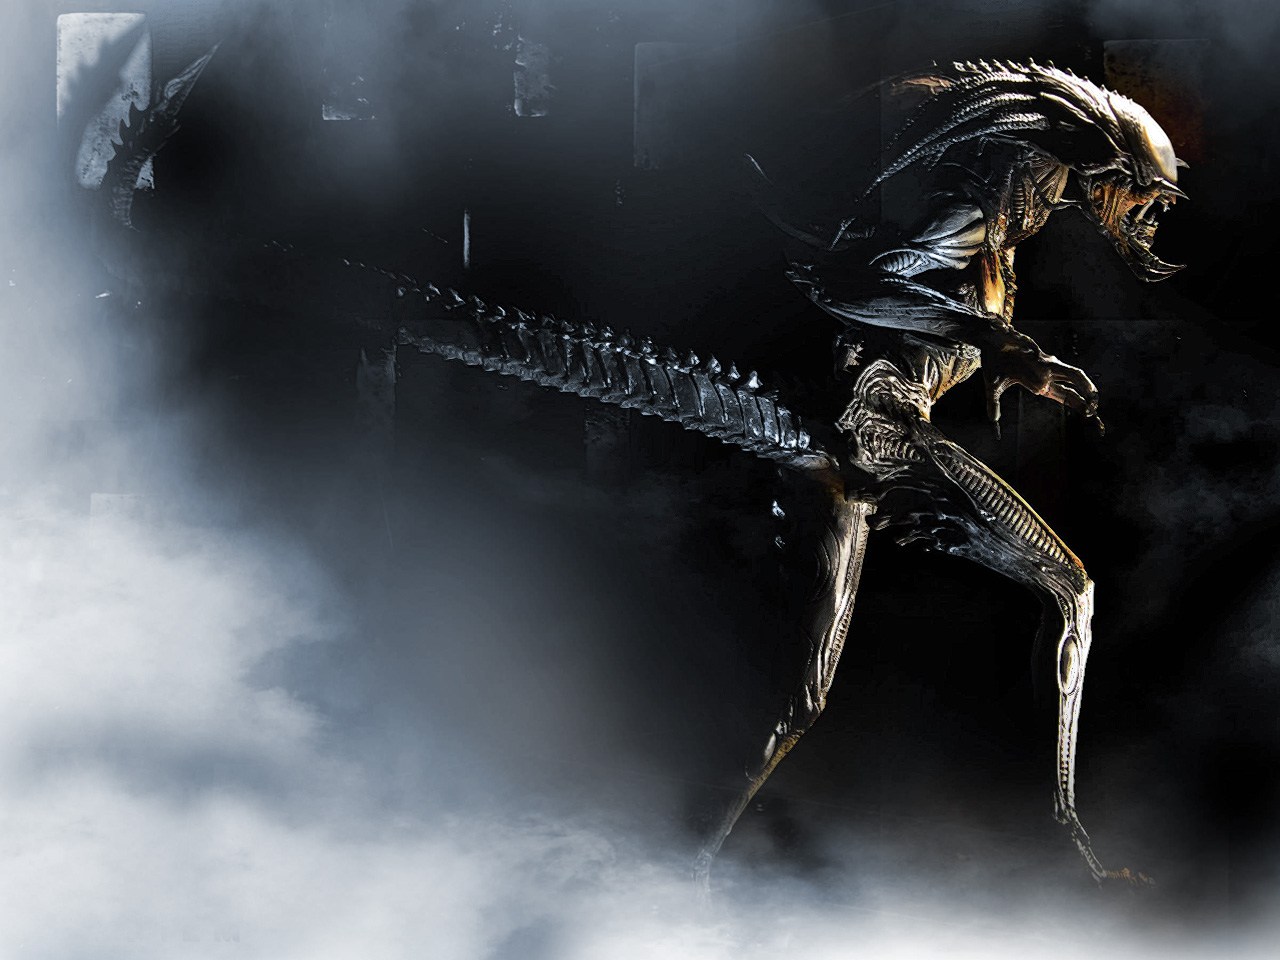 Alien Resurrection 1280 x 960pix wallpaper Science Fiction 2D 1280x960